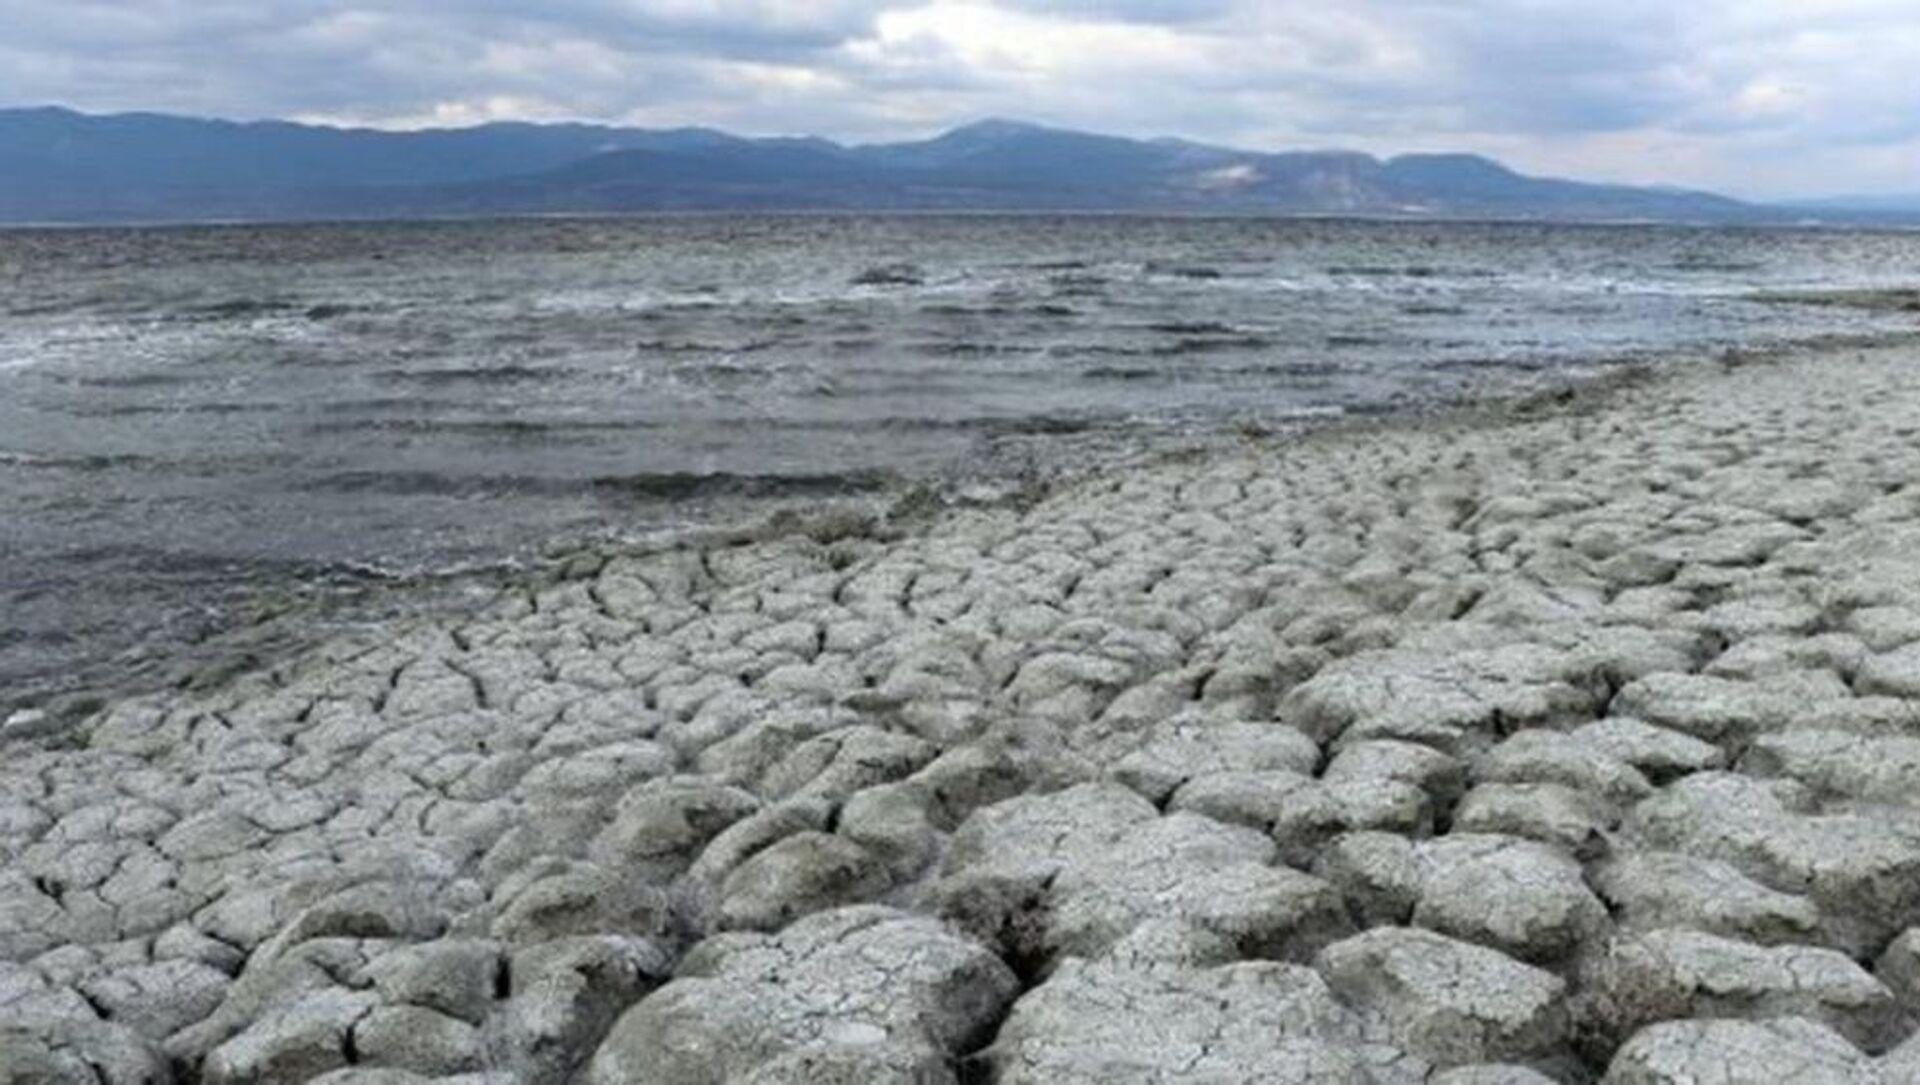 Burdur Gölü'nün kuruyan alanlarından, yılda 2 bin ton zararlı toz etrafa saçılıyor - Sputnik Türkiye, 1920, 02.05.2021